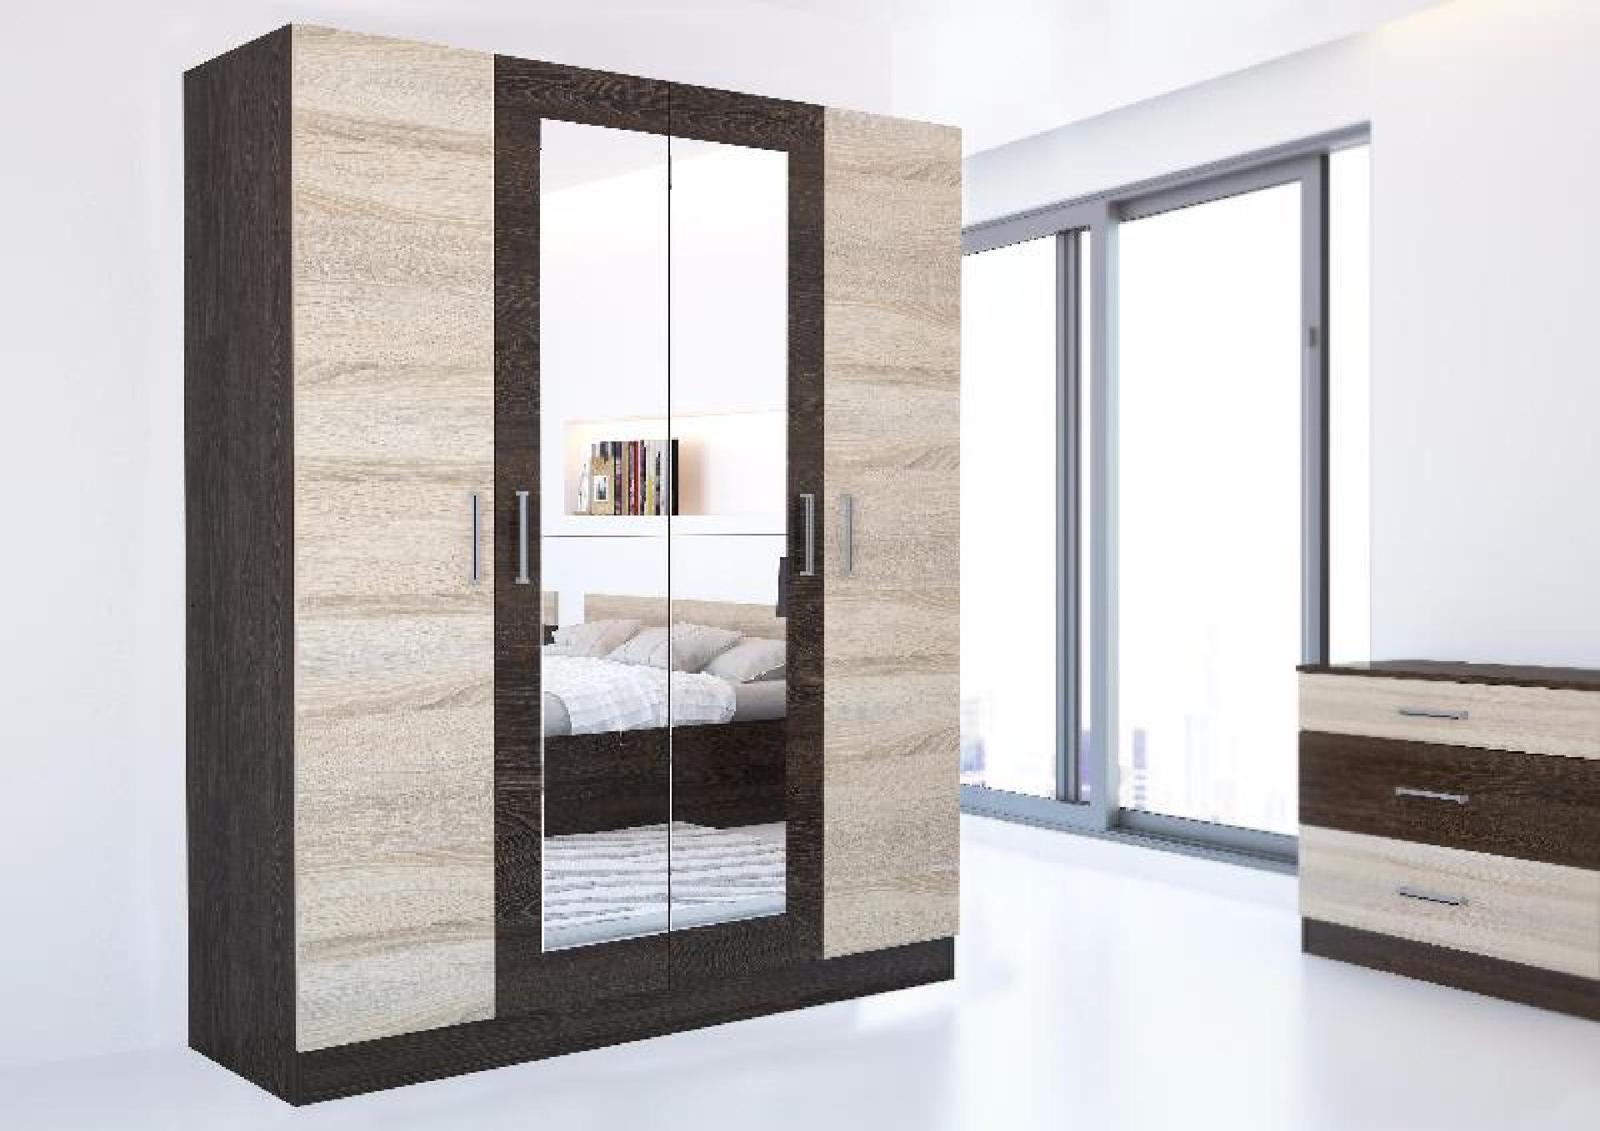 Купить шкаф 4-х дверный уют 1 (1600х450хh1900) в крыму недор.